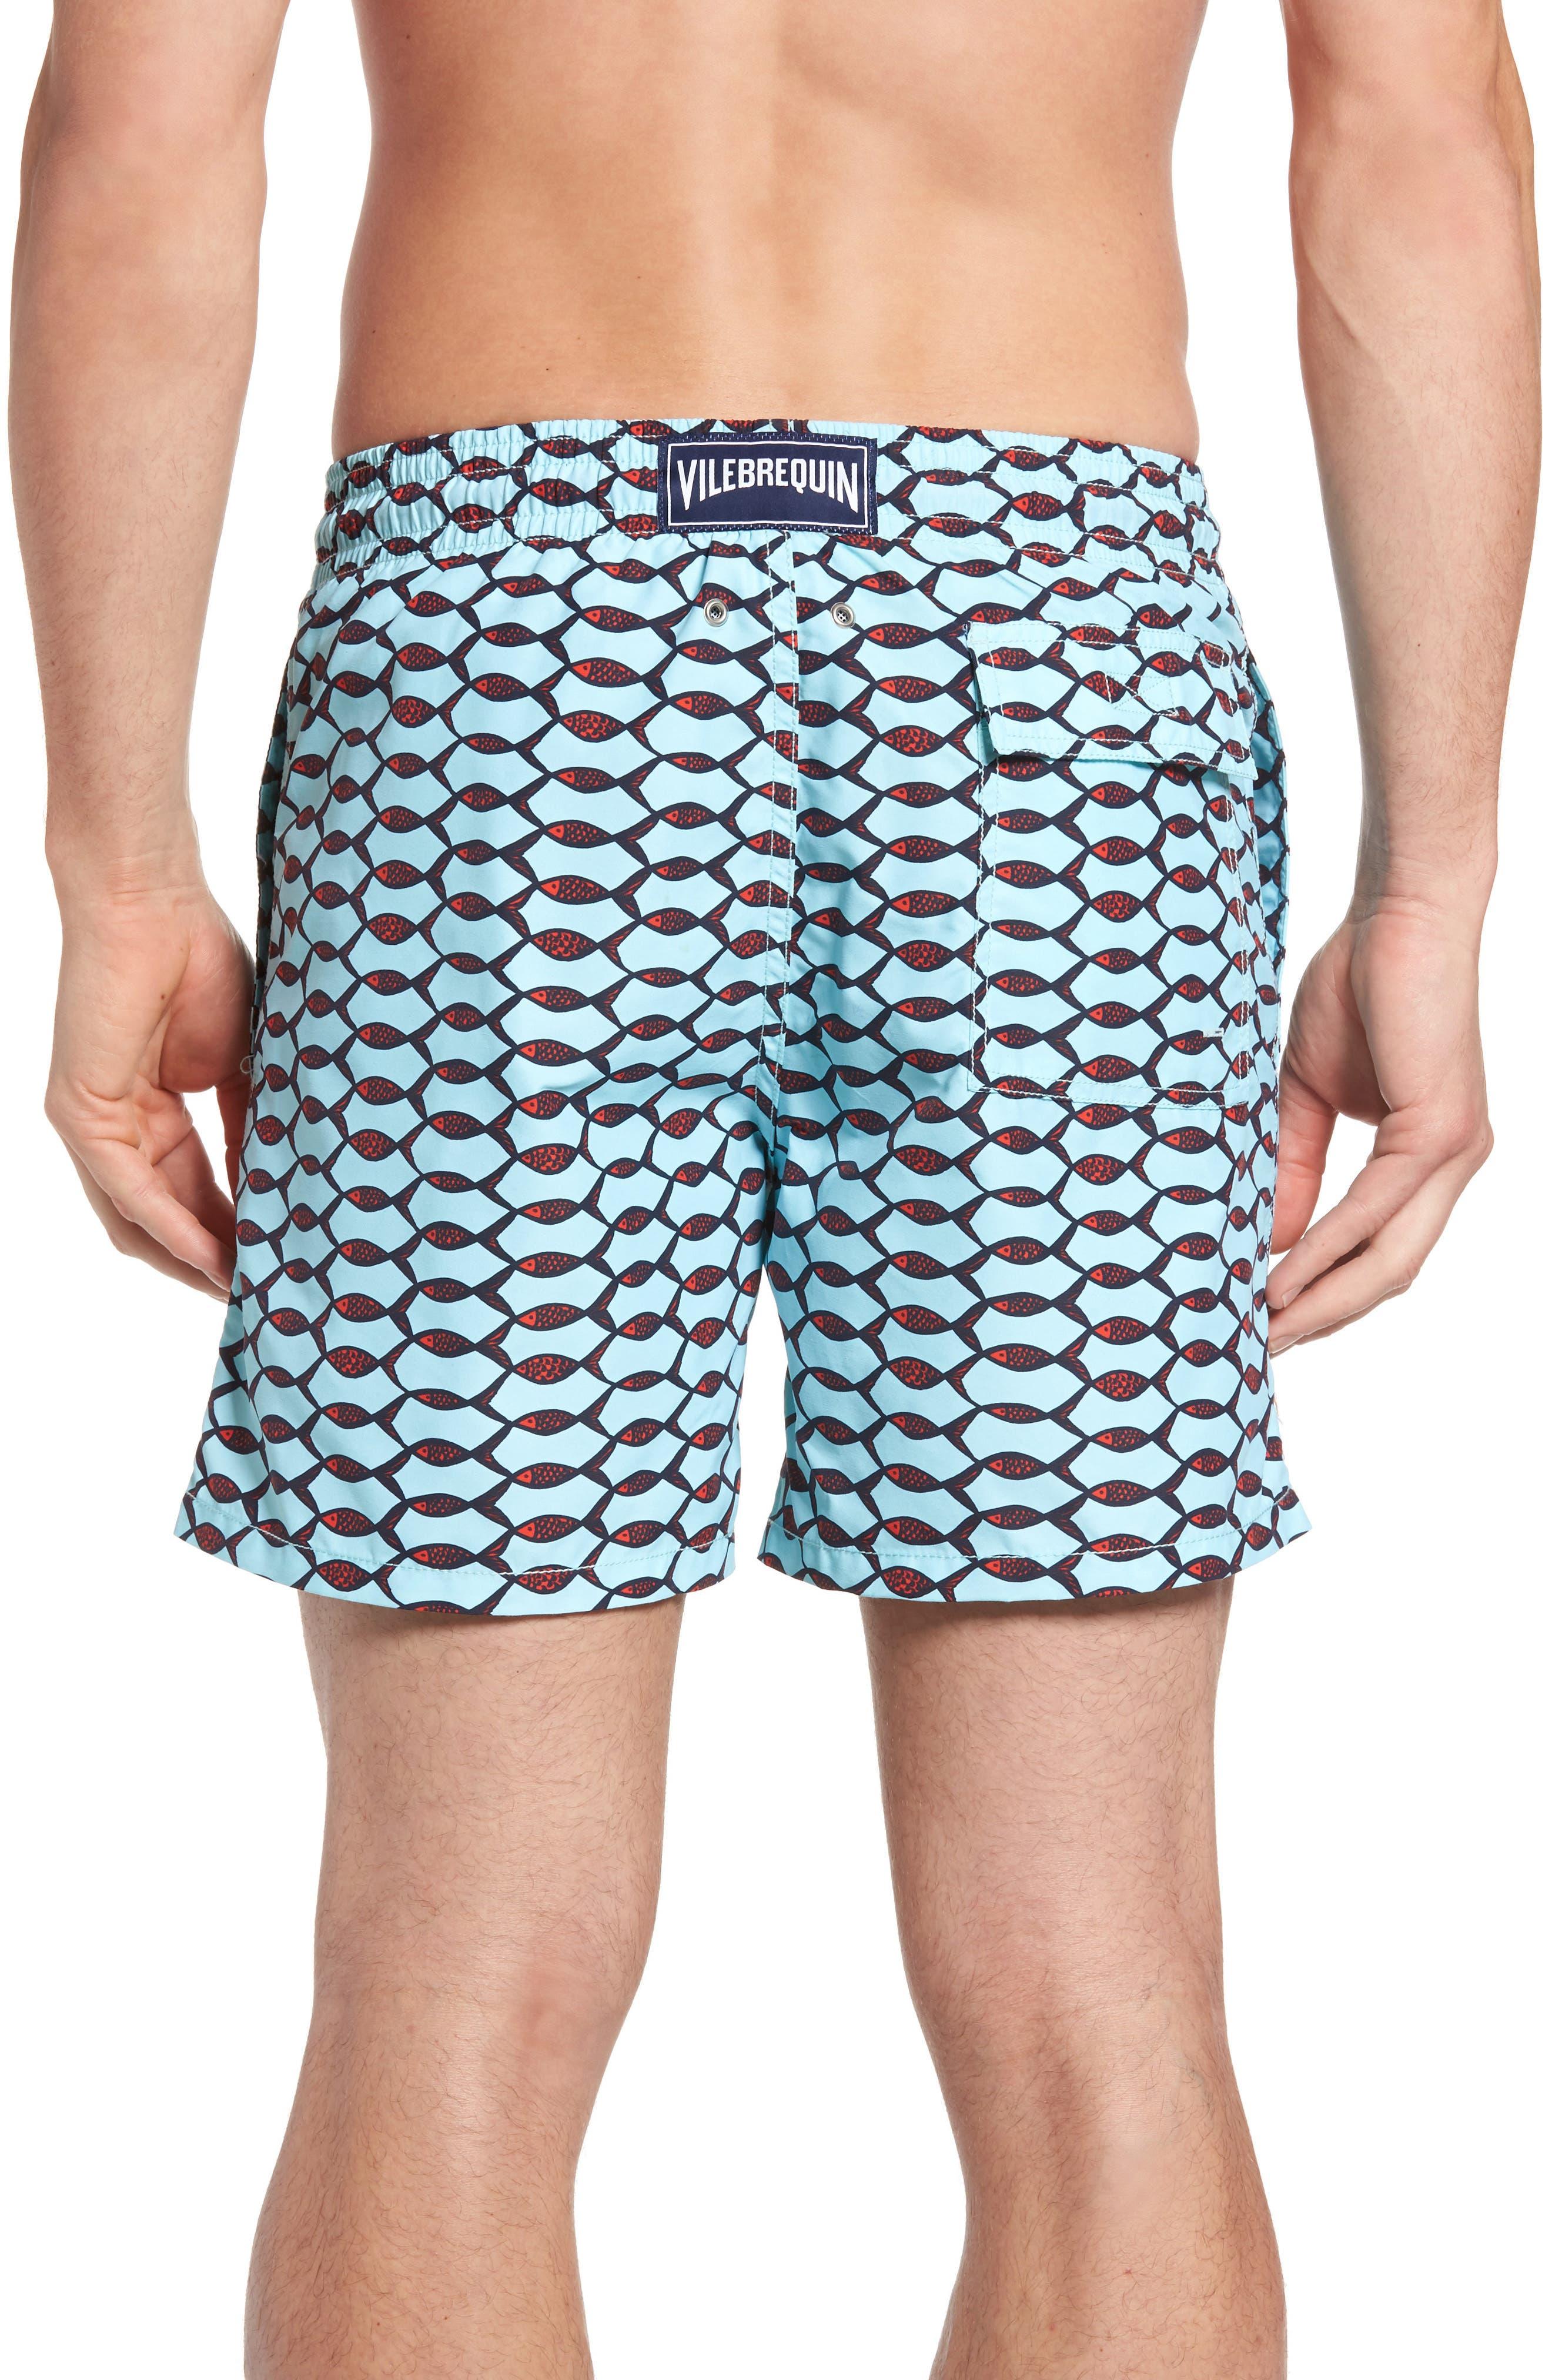 Alternate Image 2  - Vilebrequin Moorea Fishnet Print Swim Trunks